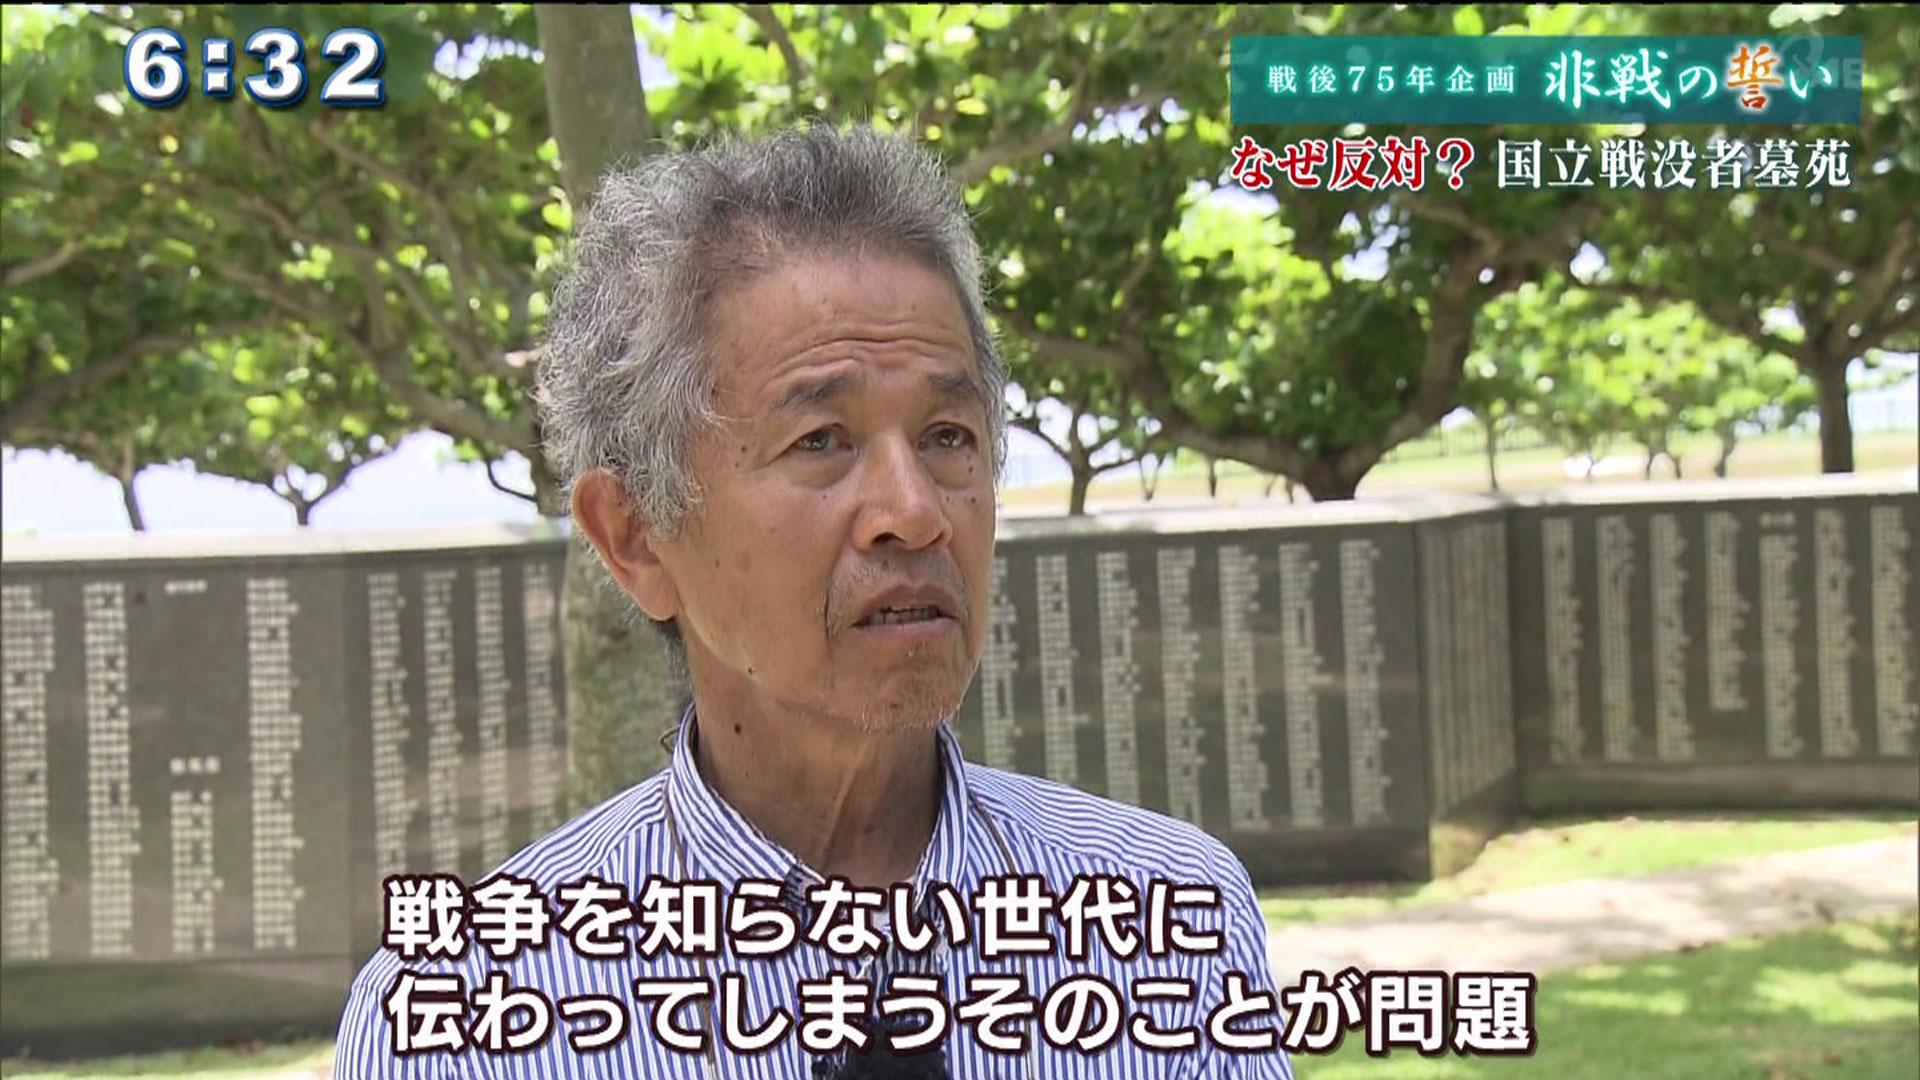 """シリーズ非戦の誓い 追悼式""""場所""""が持つ意味"""